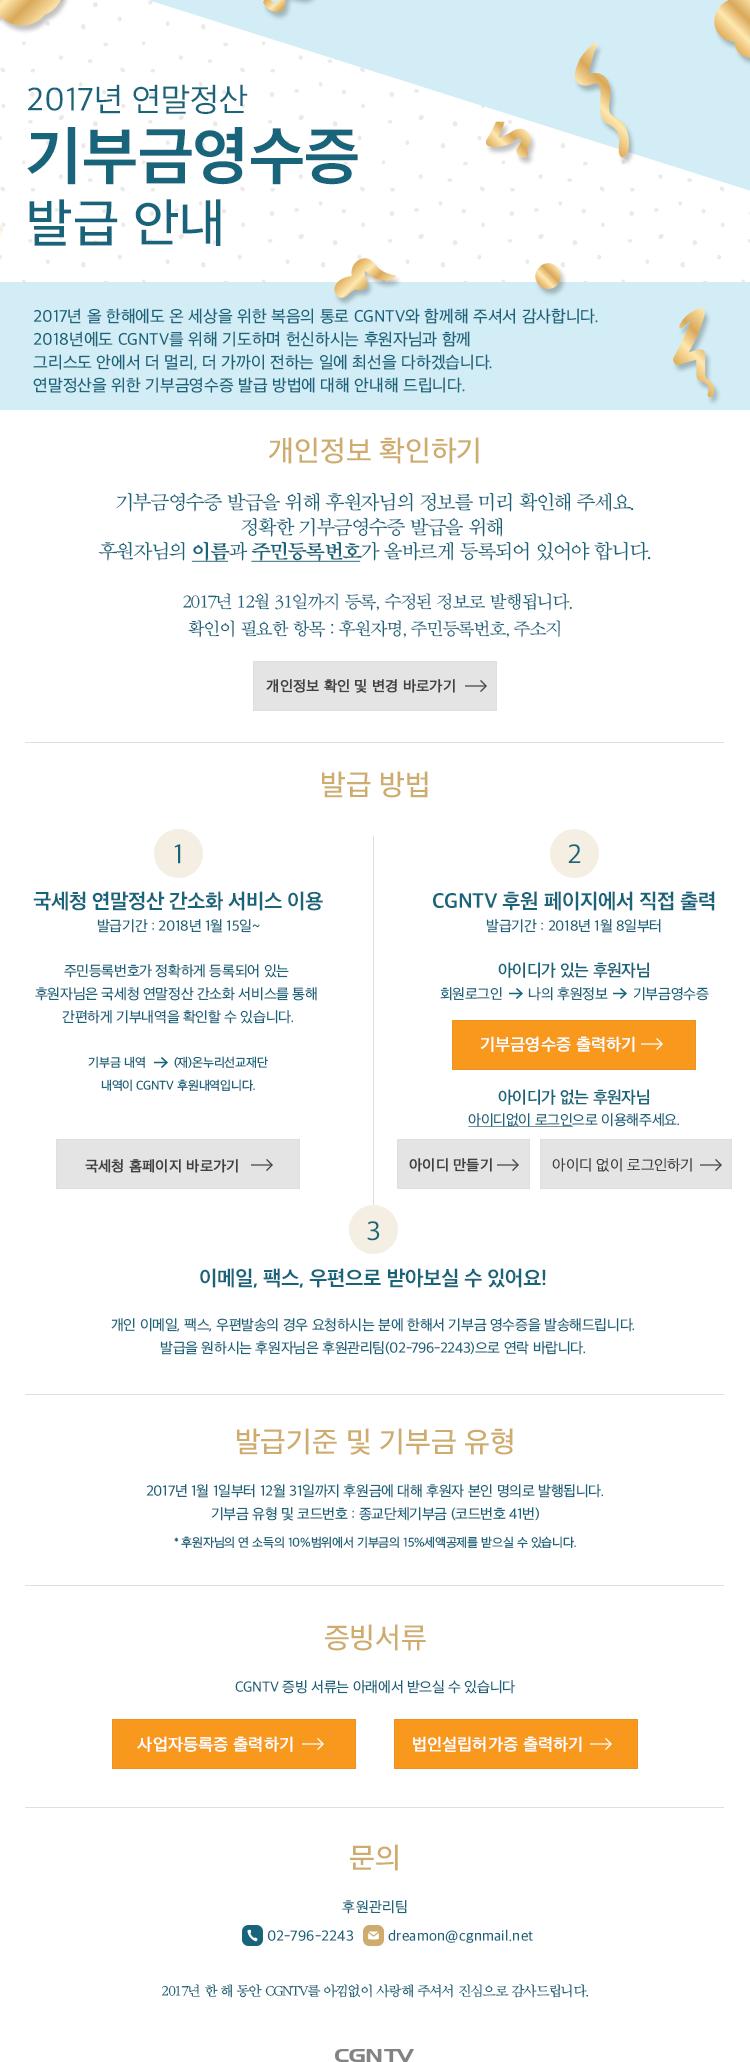 2017년 연말정산 기부금영수증 발급안내